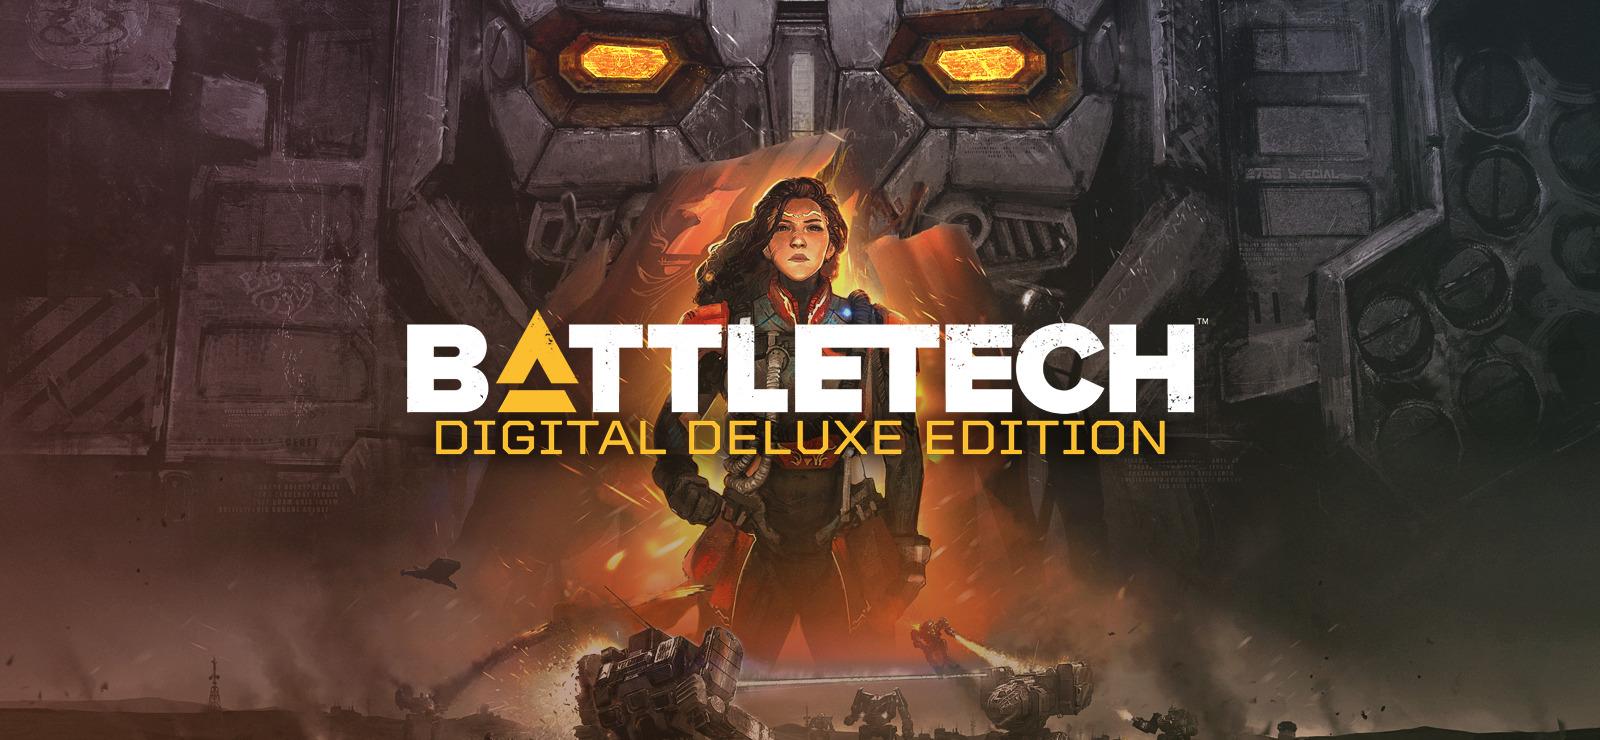 BATTLETECH - Digital Deluxe Edition GOG скачать последнюю